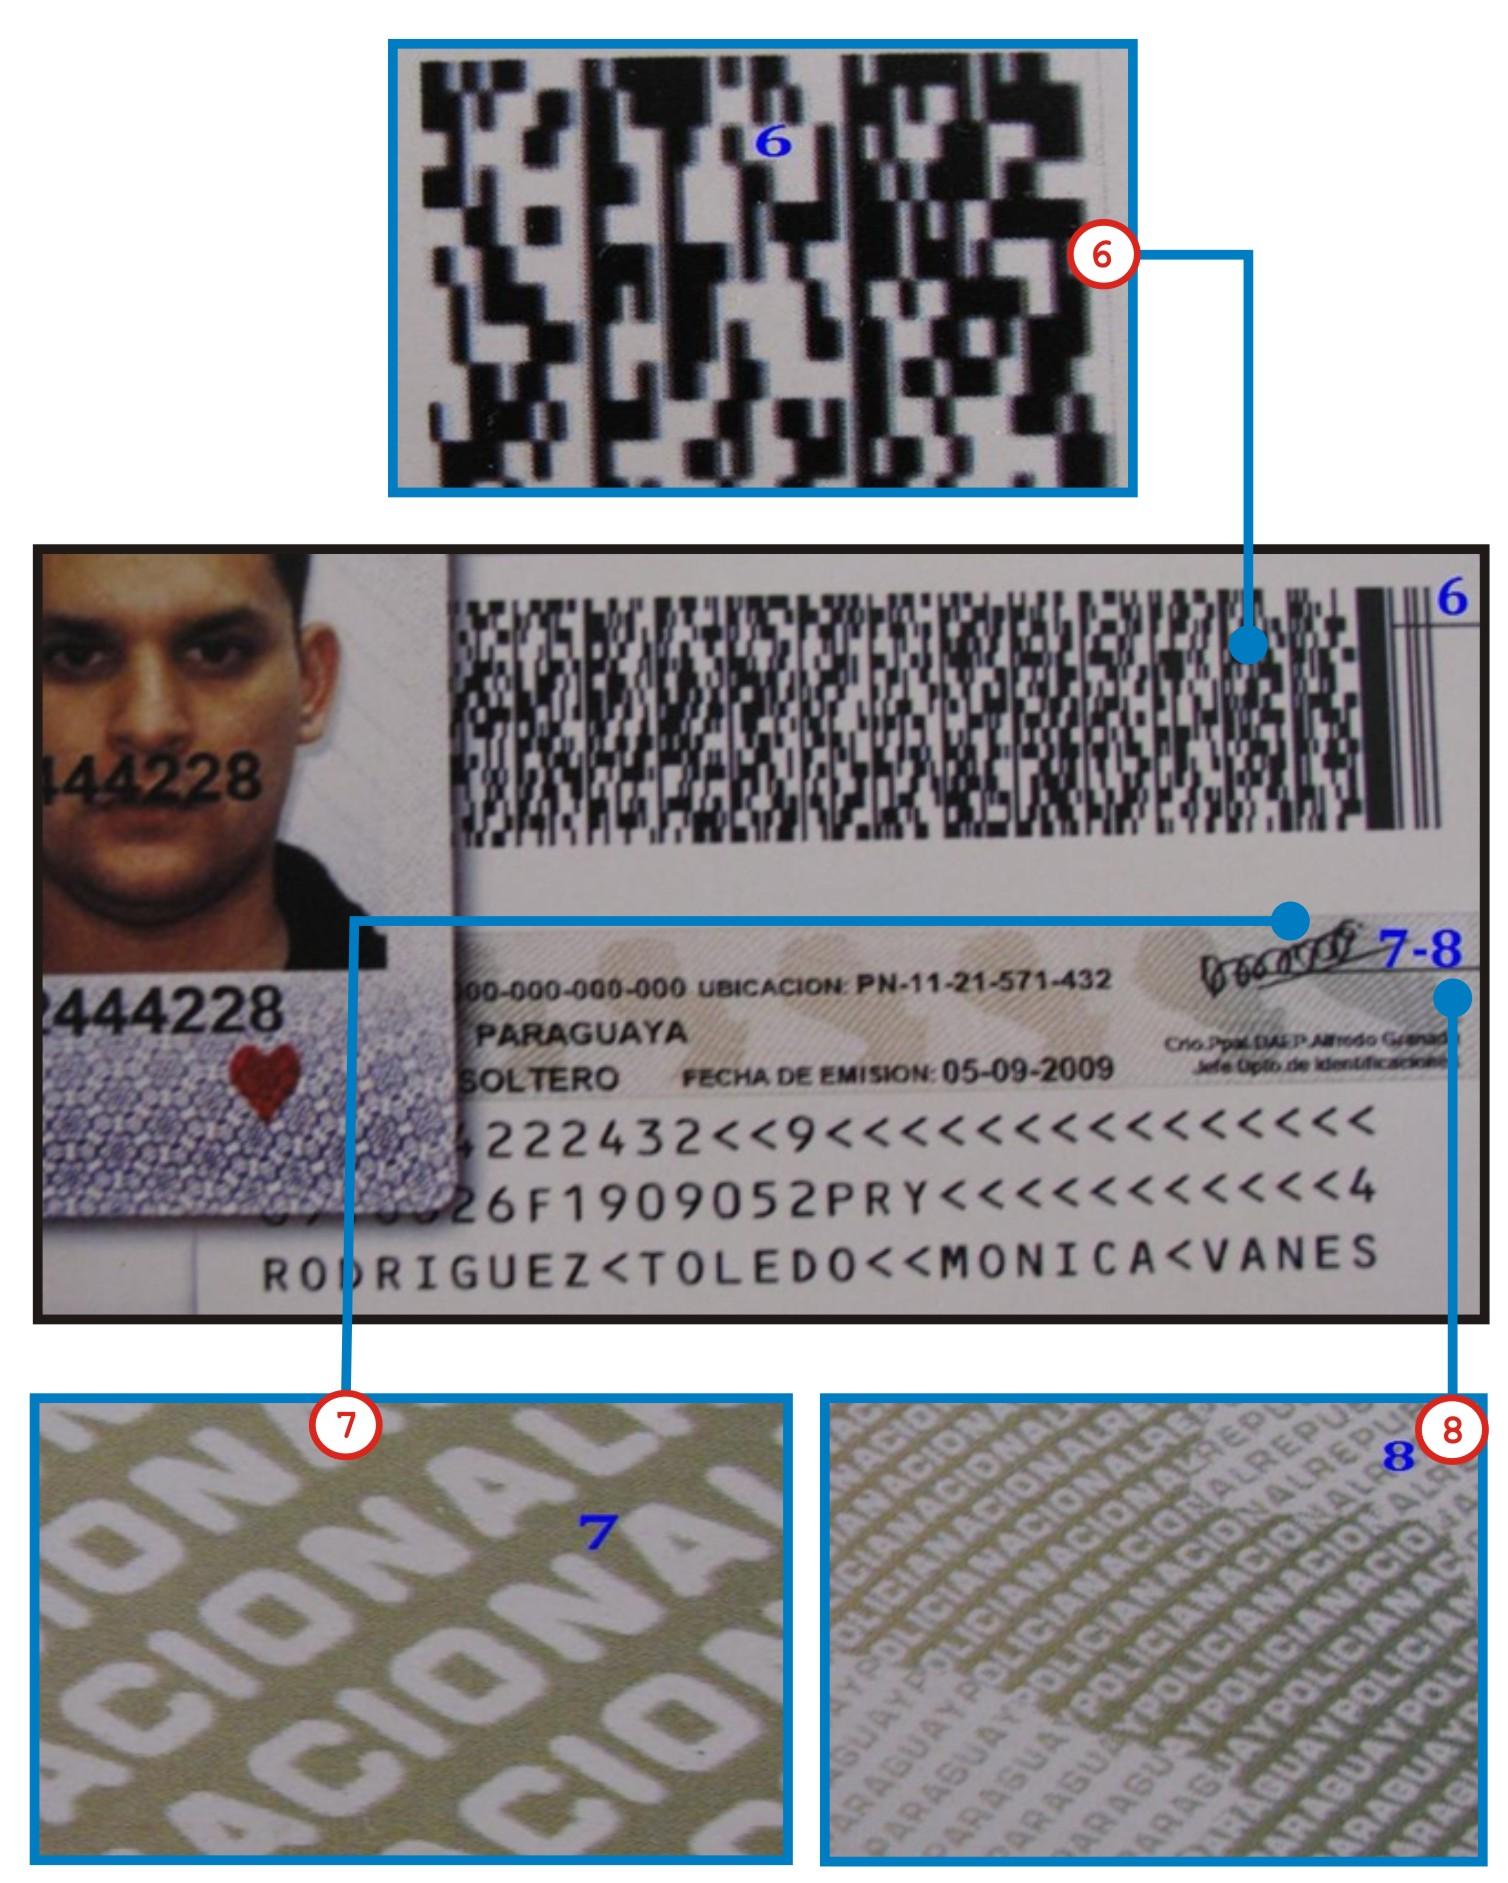 Medidas De Seguridad De La Nueva Cédula De Paraguay Galton